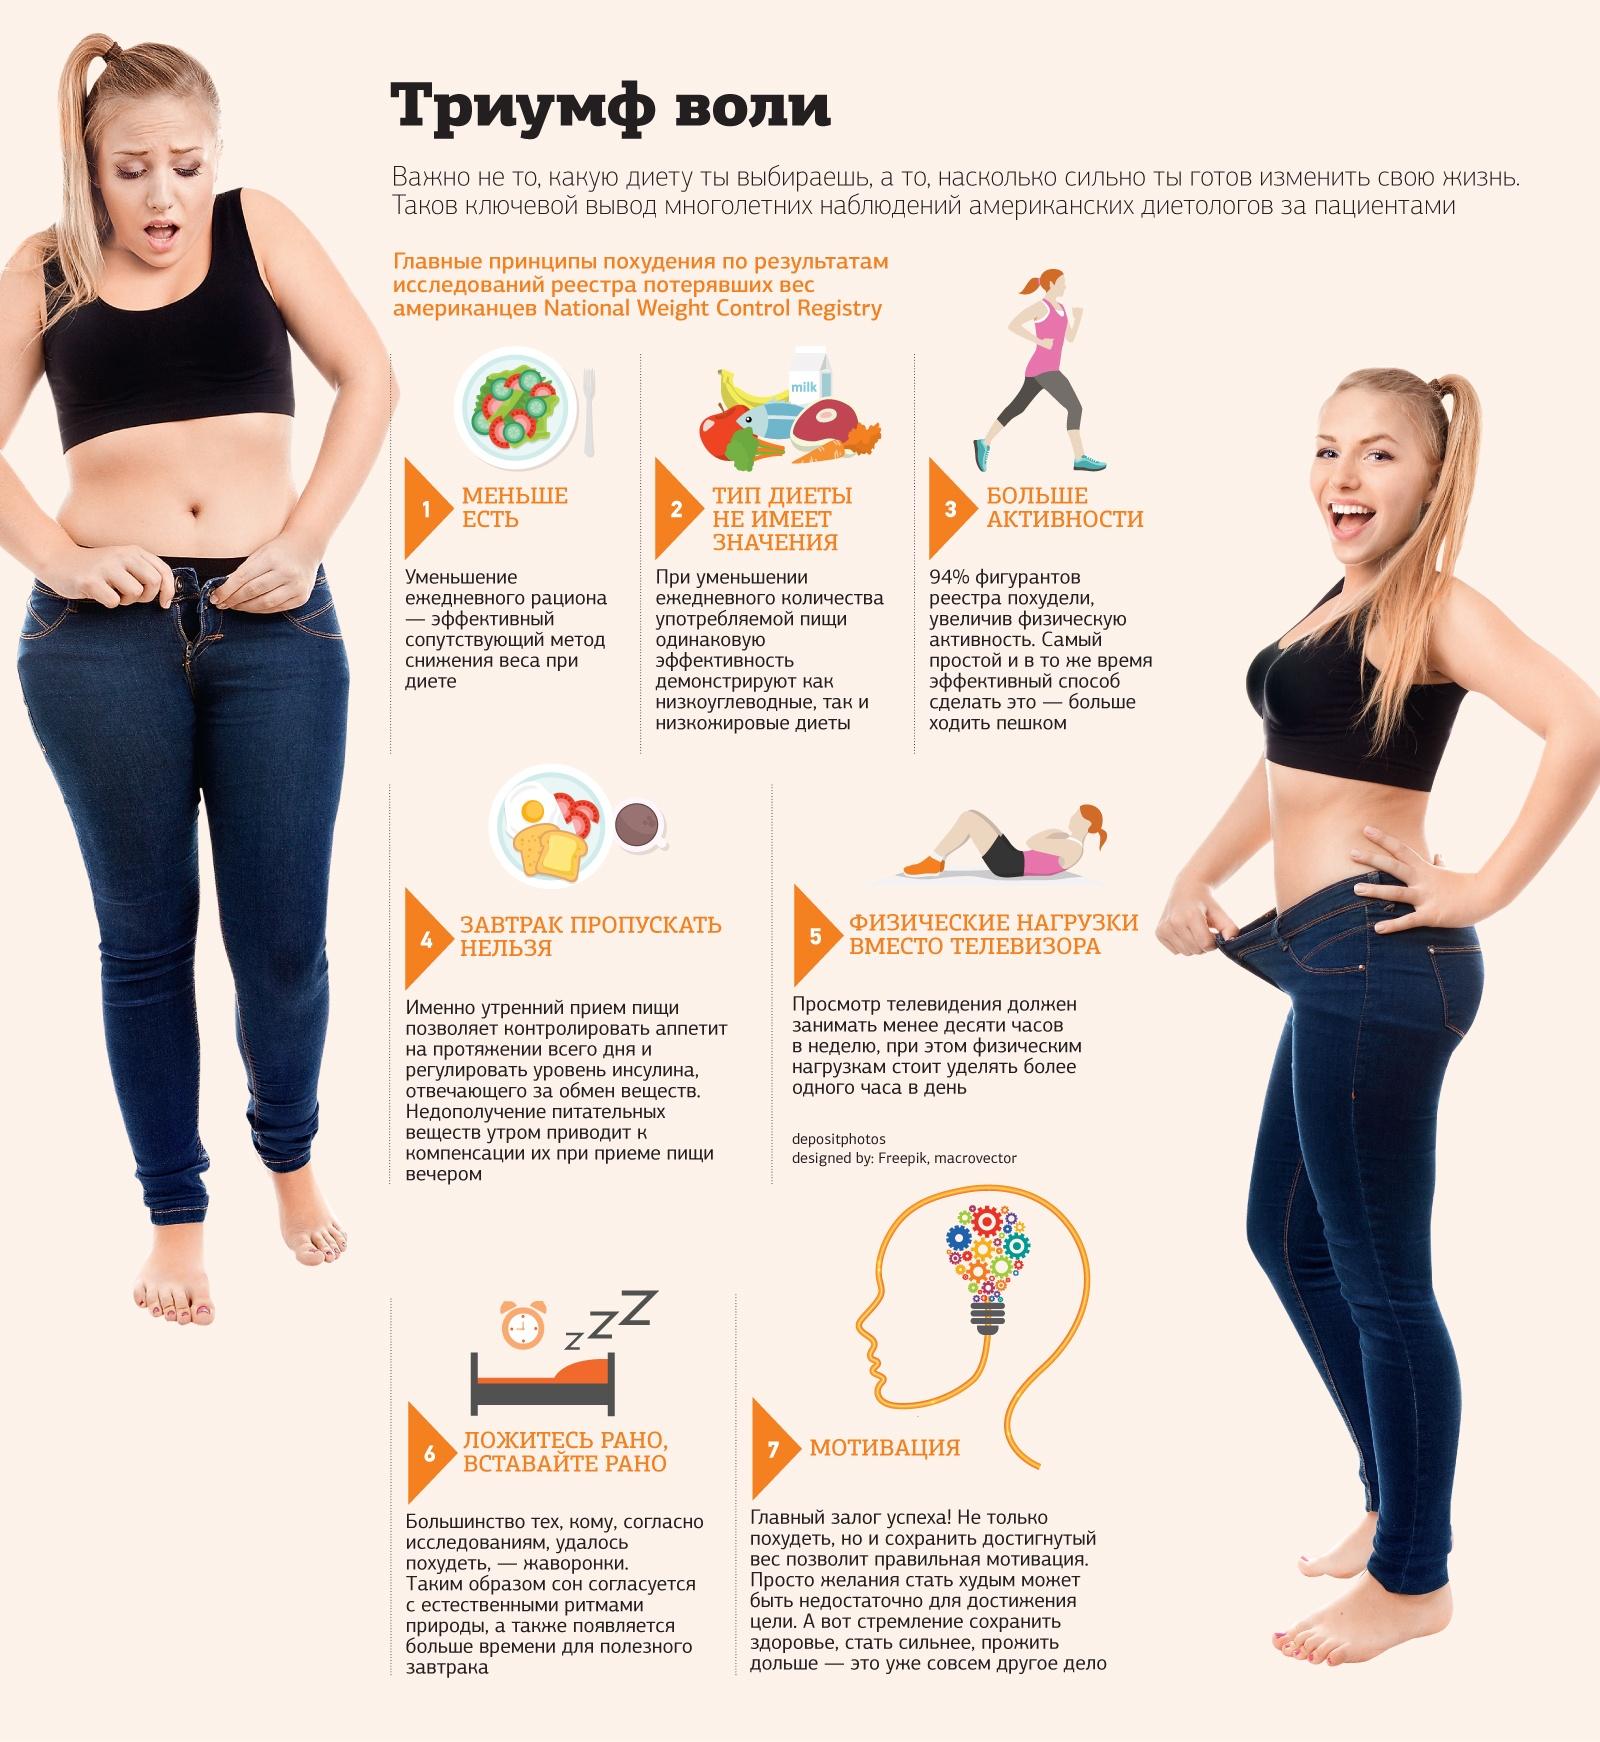 Как похудеть, если вес стоит на месте?